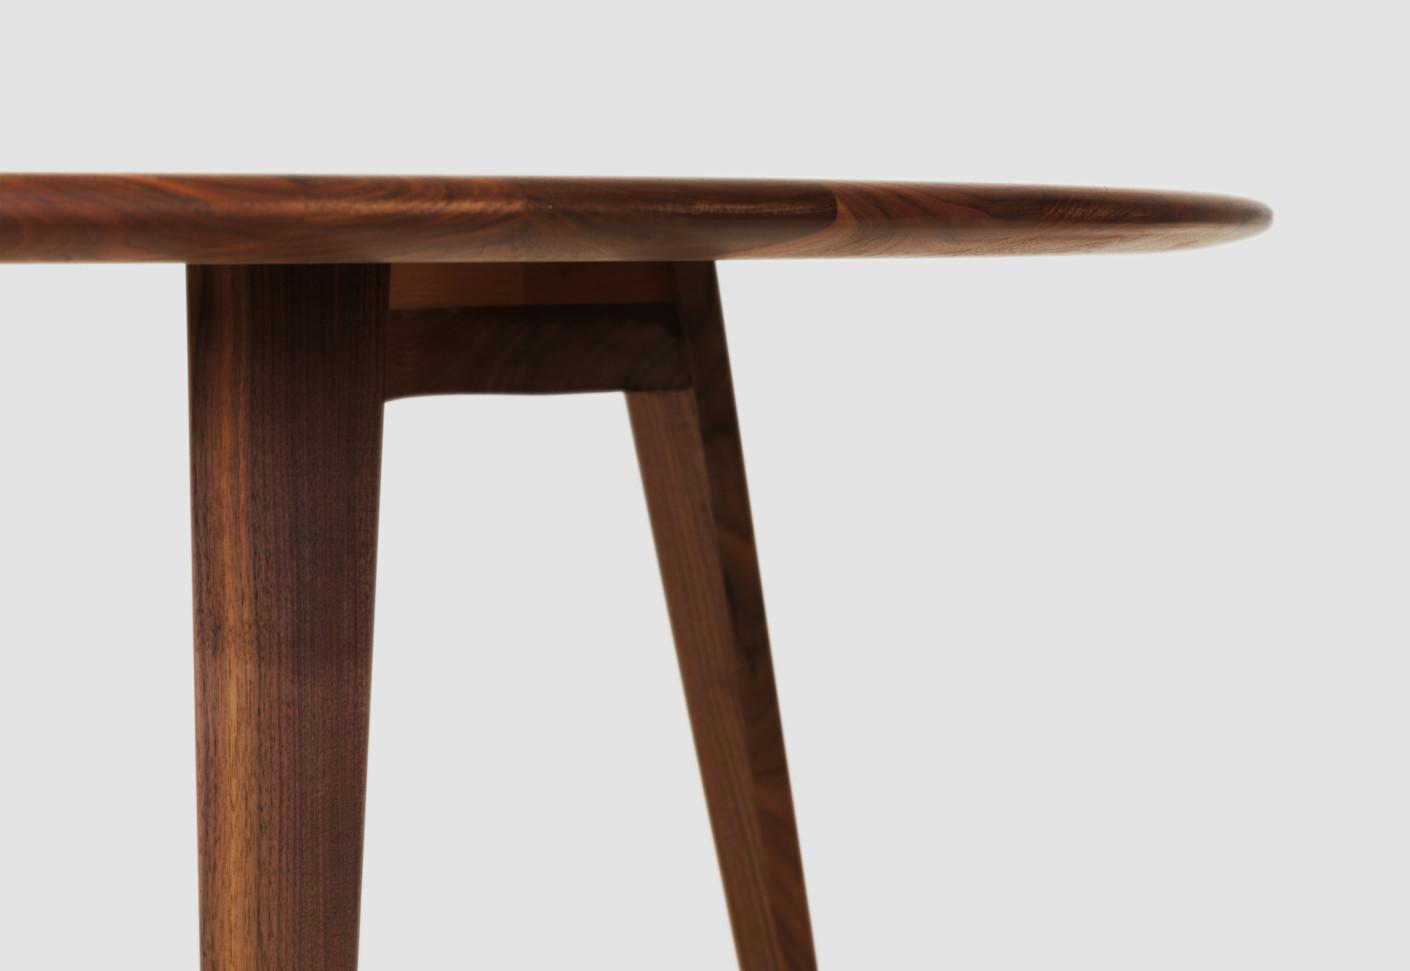 Twist Coffee Table By Zeitraum STYLEPARK